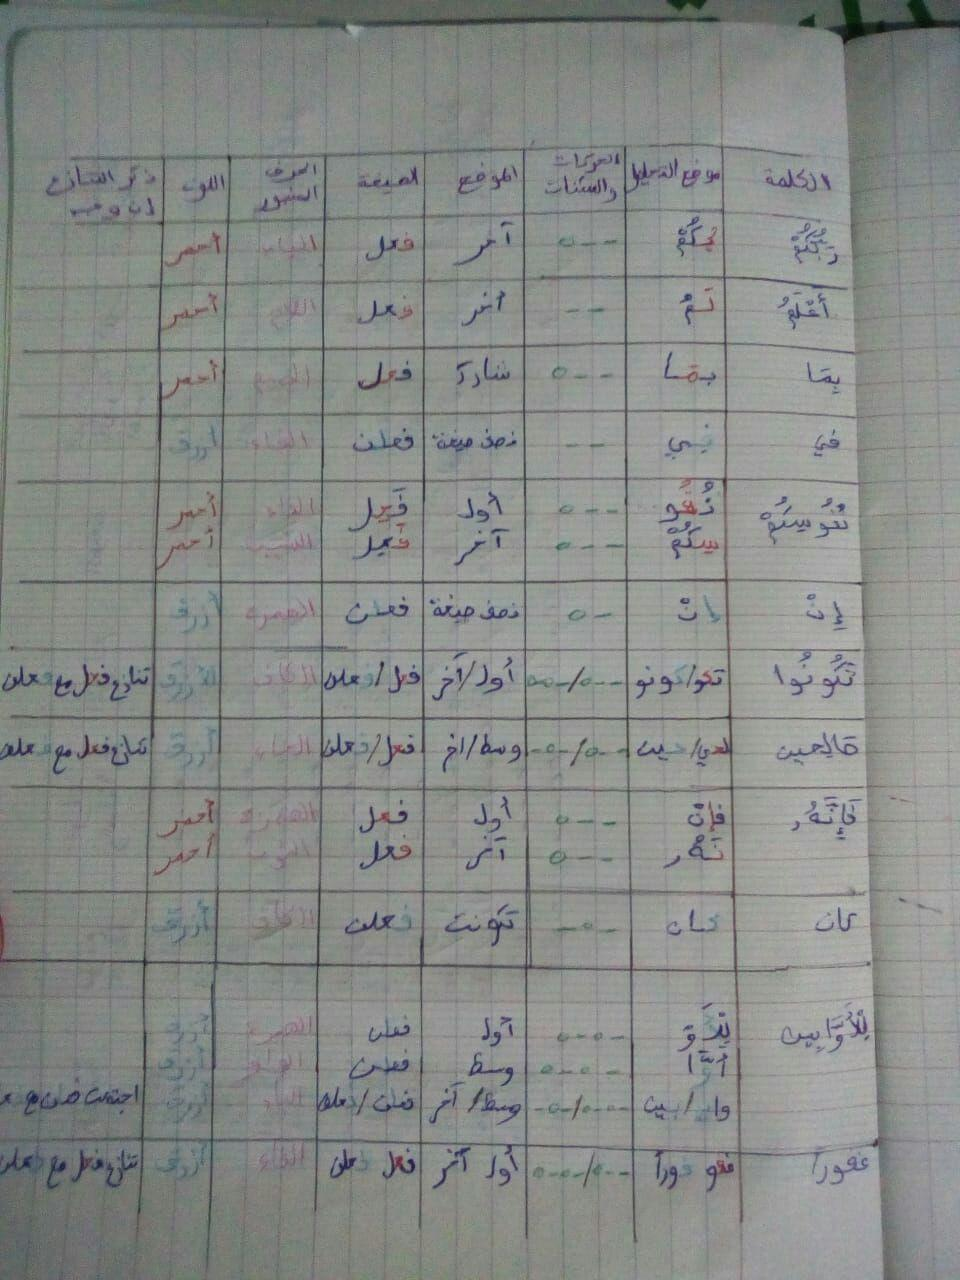 الواجب الرابع / الدورة السابعة  - صفحة 12 Oo_a_a11